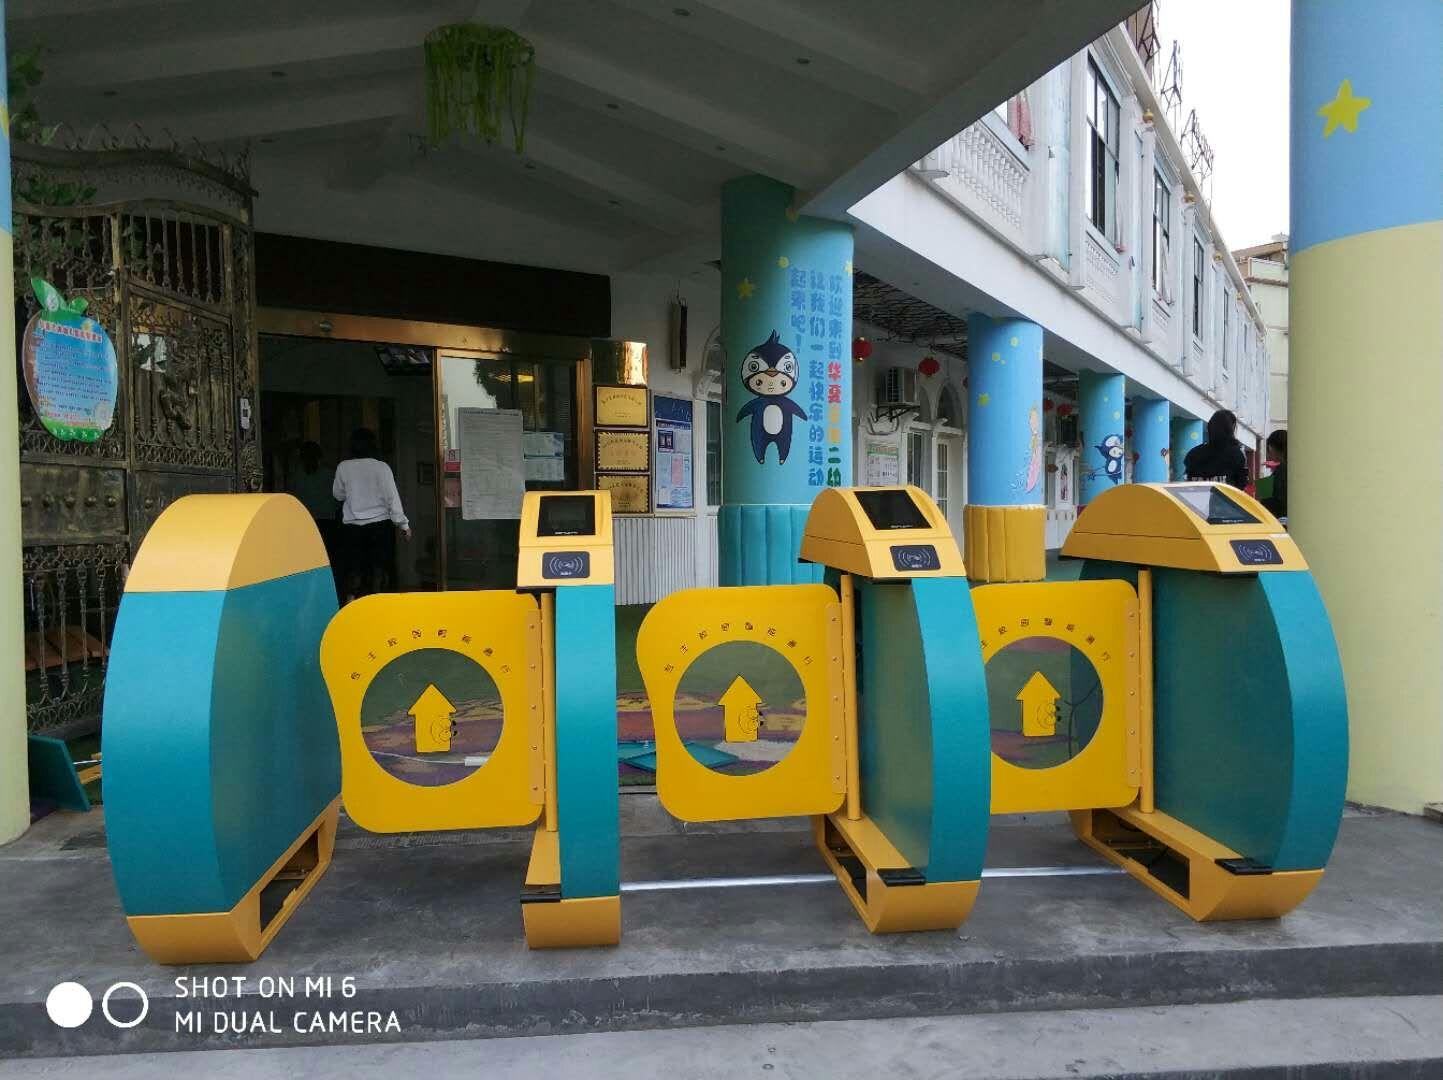 长沙翰林幼儿园门禁系统